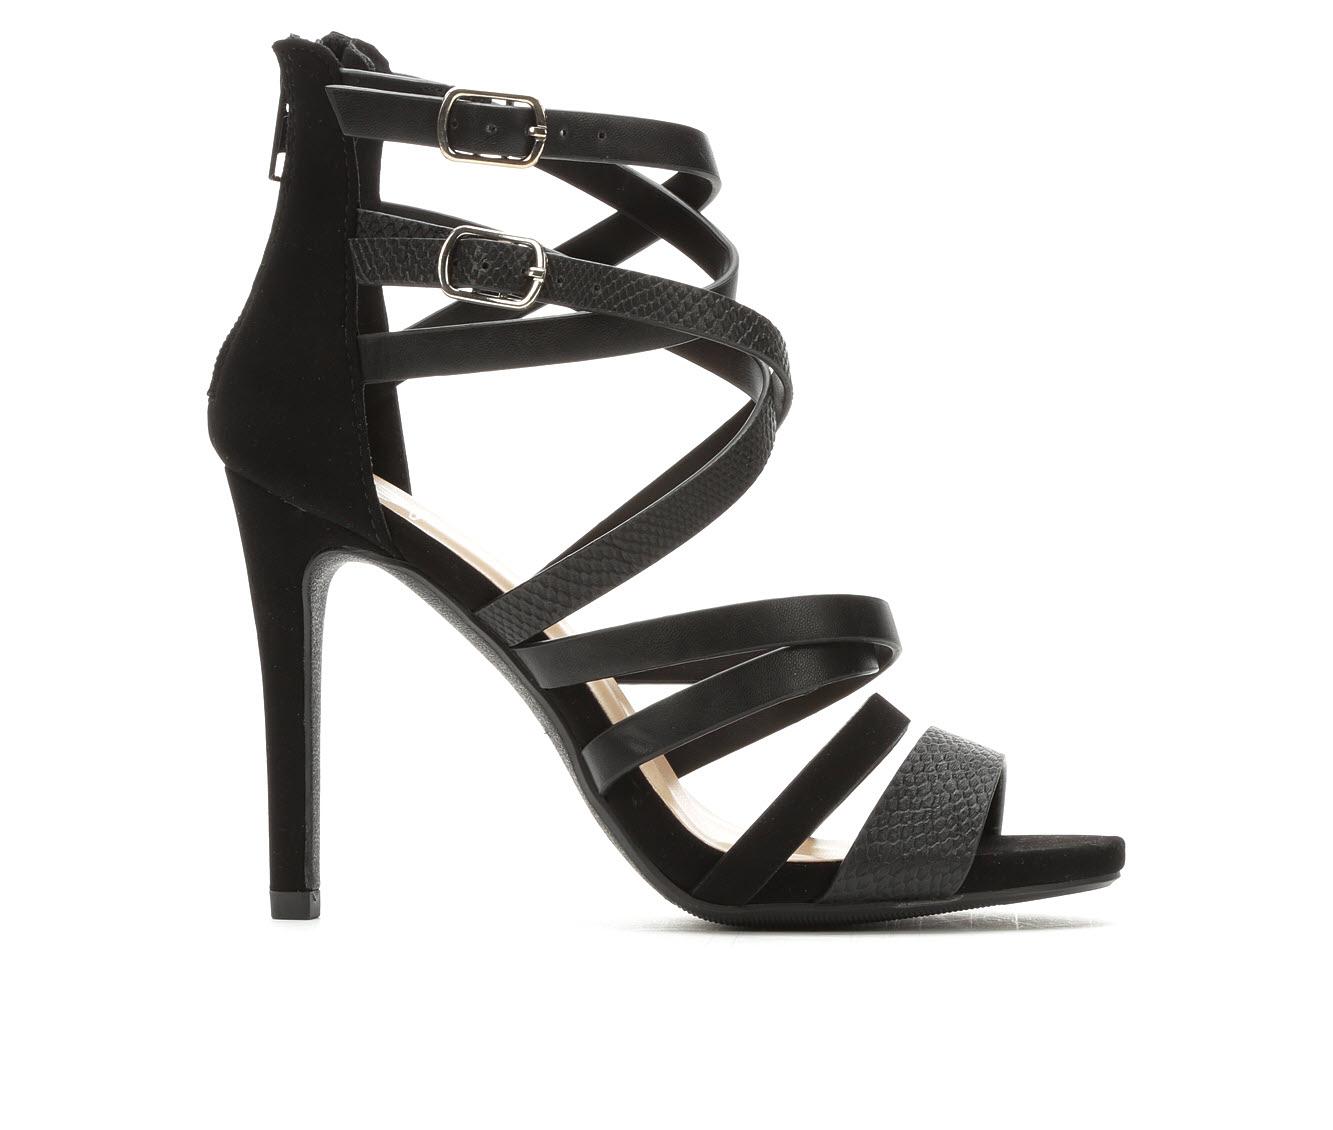 Delicious Cage Women's Dress Shoe (Black Faux Leather)